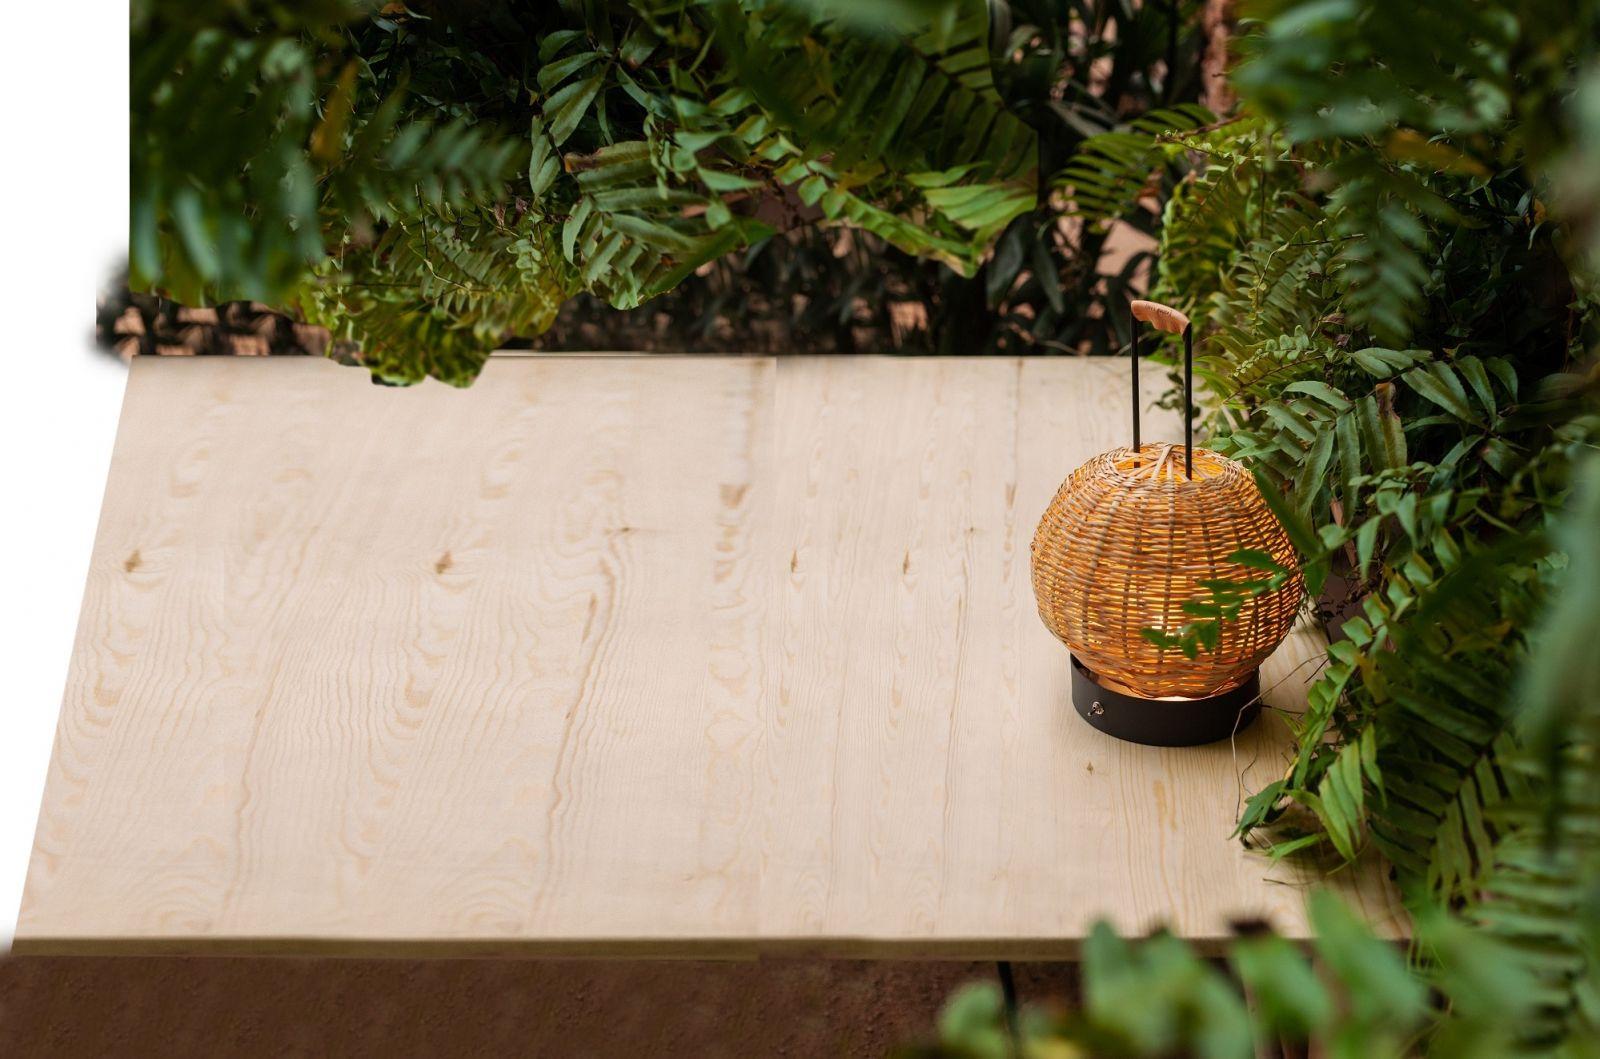 деревенский стиль, интерьер, натуральные материалы, фото